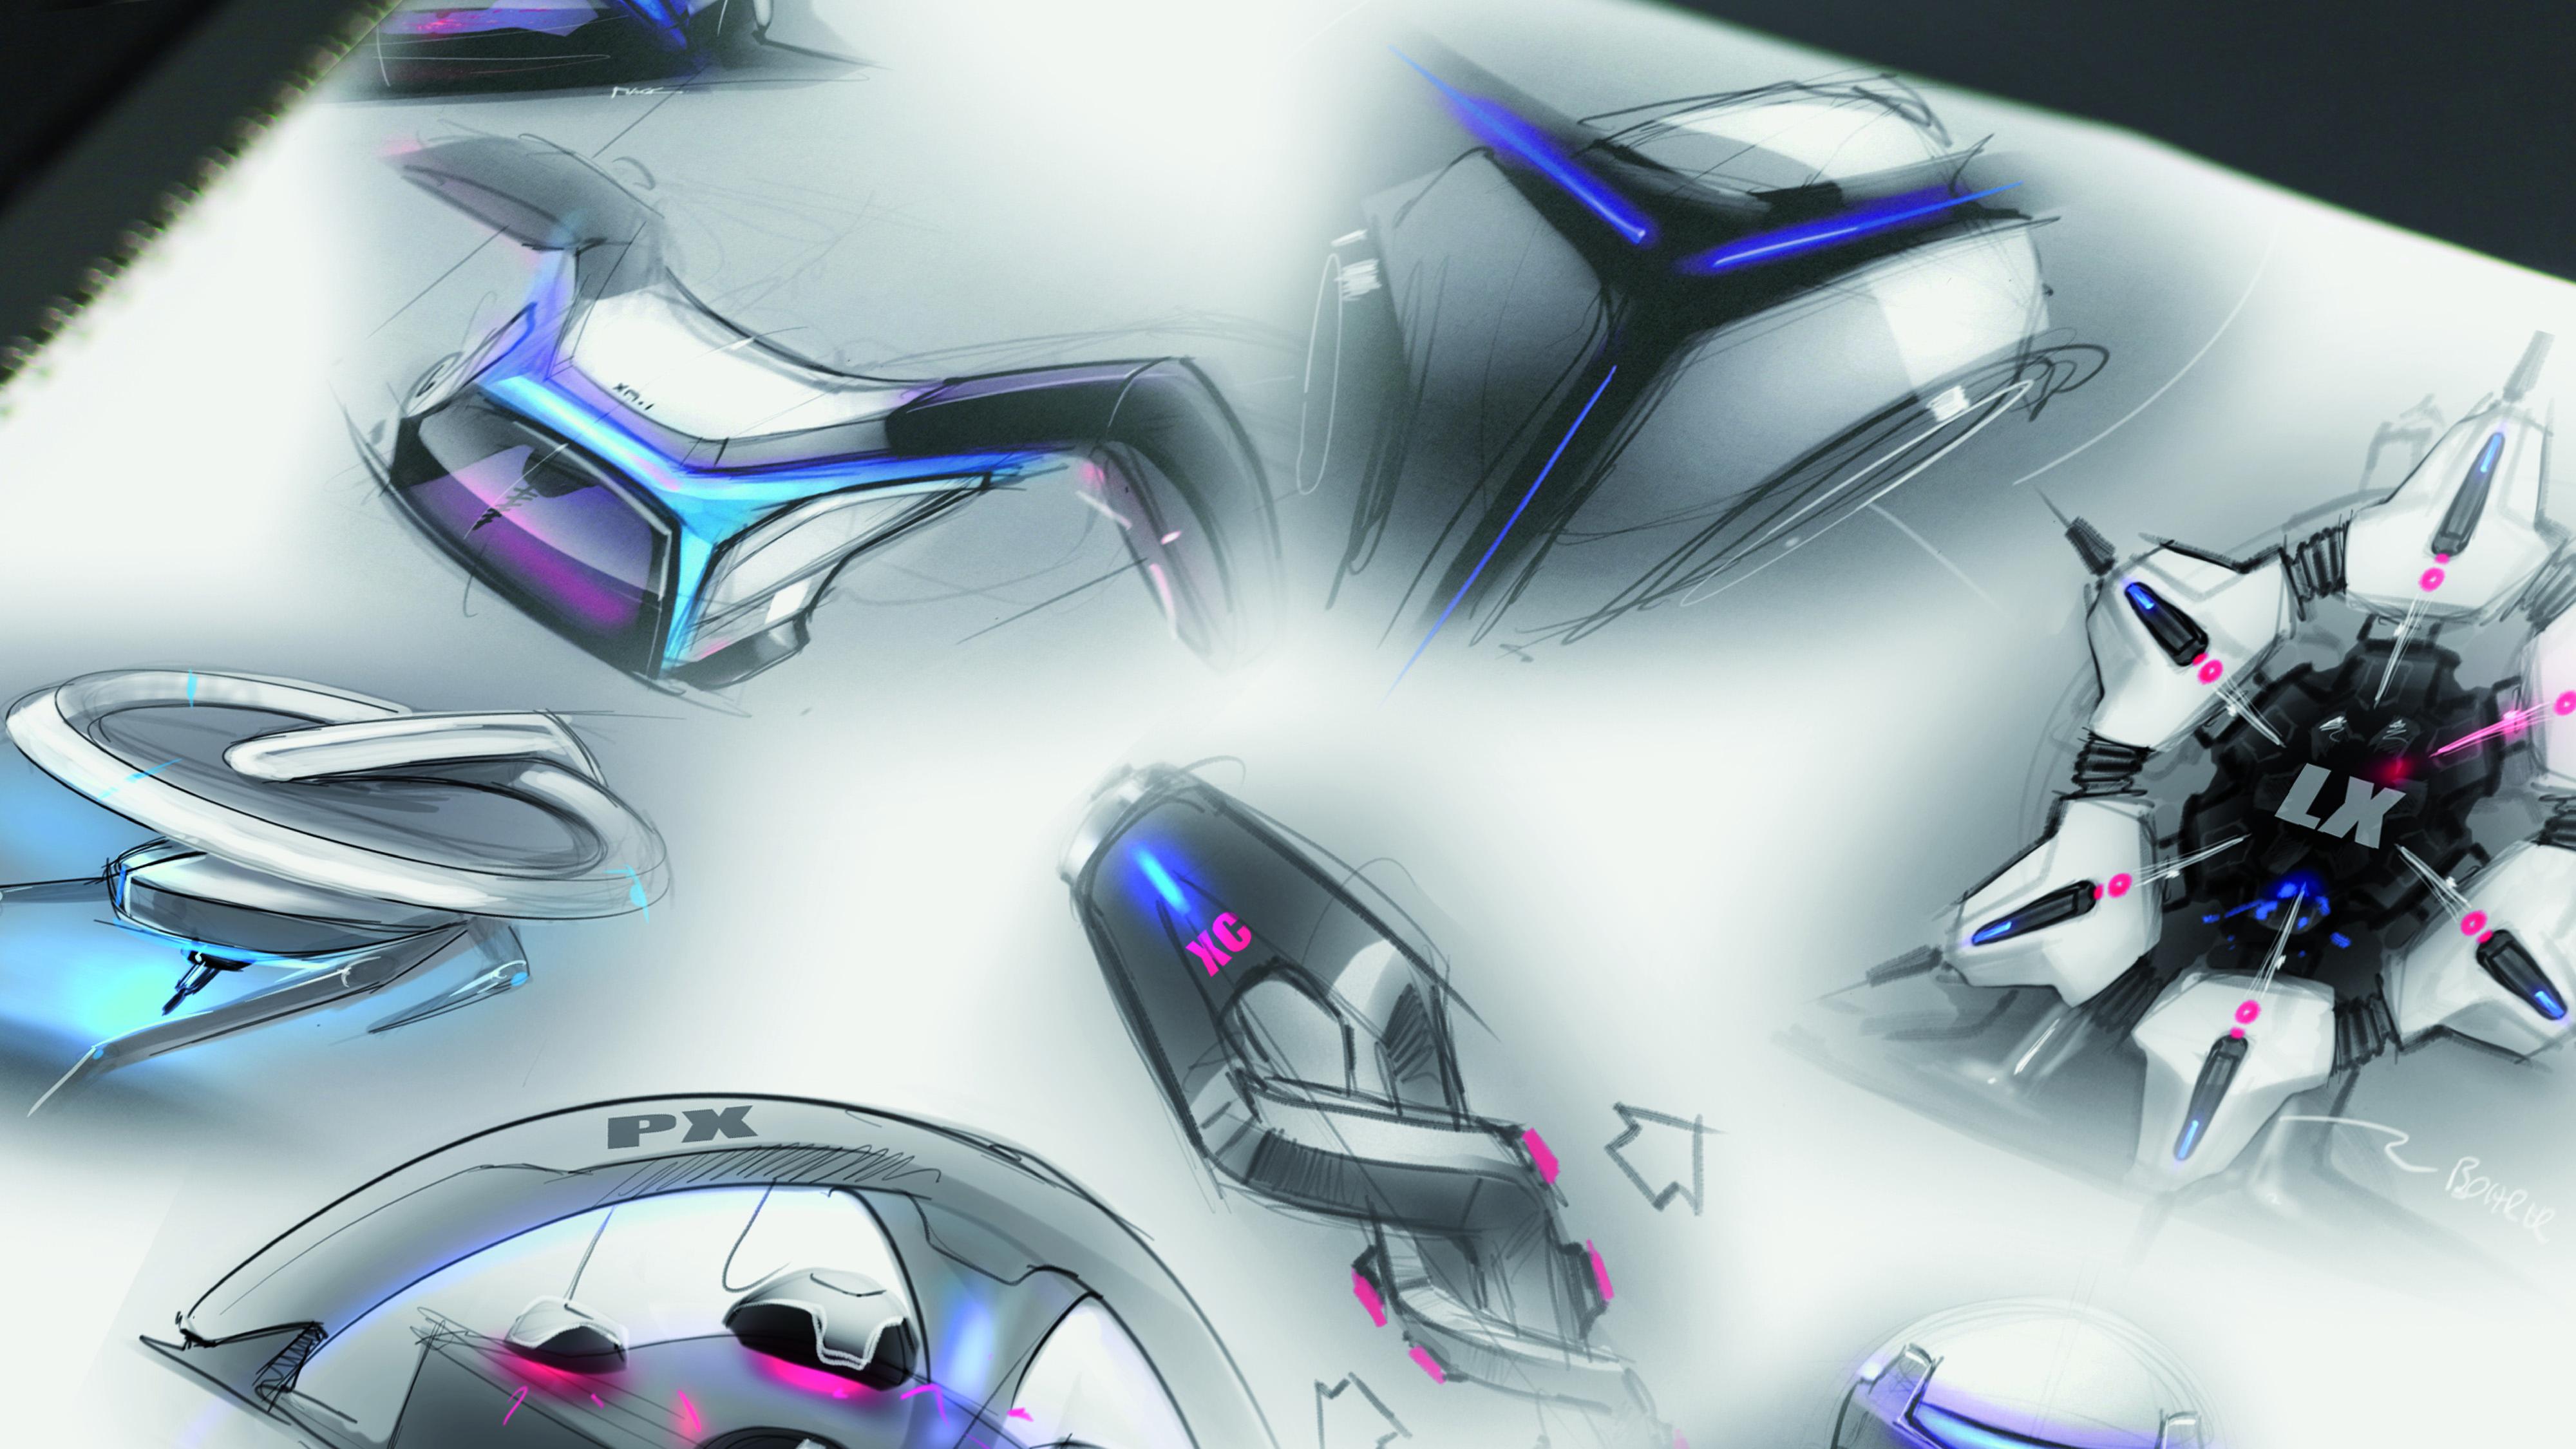 Wie stellen Sie sich die Zukunft des Werkzeuges vor?